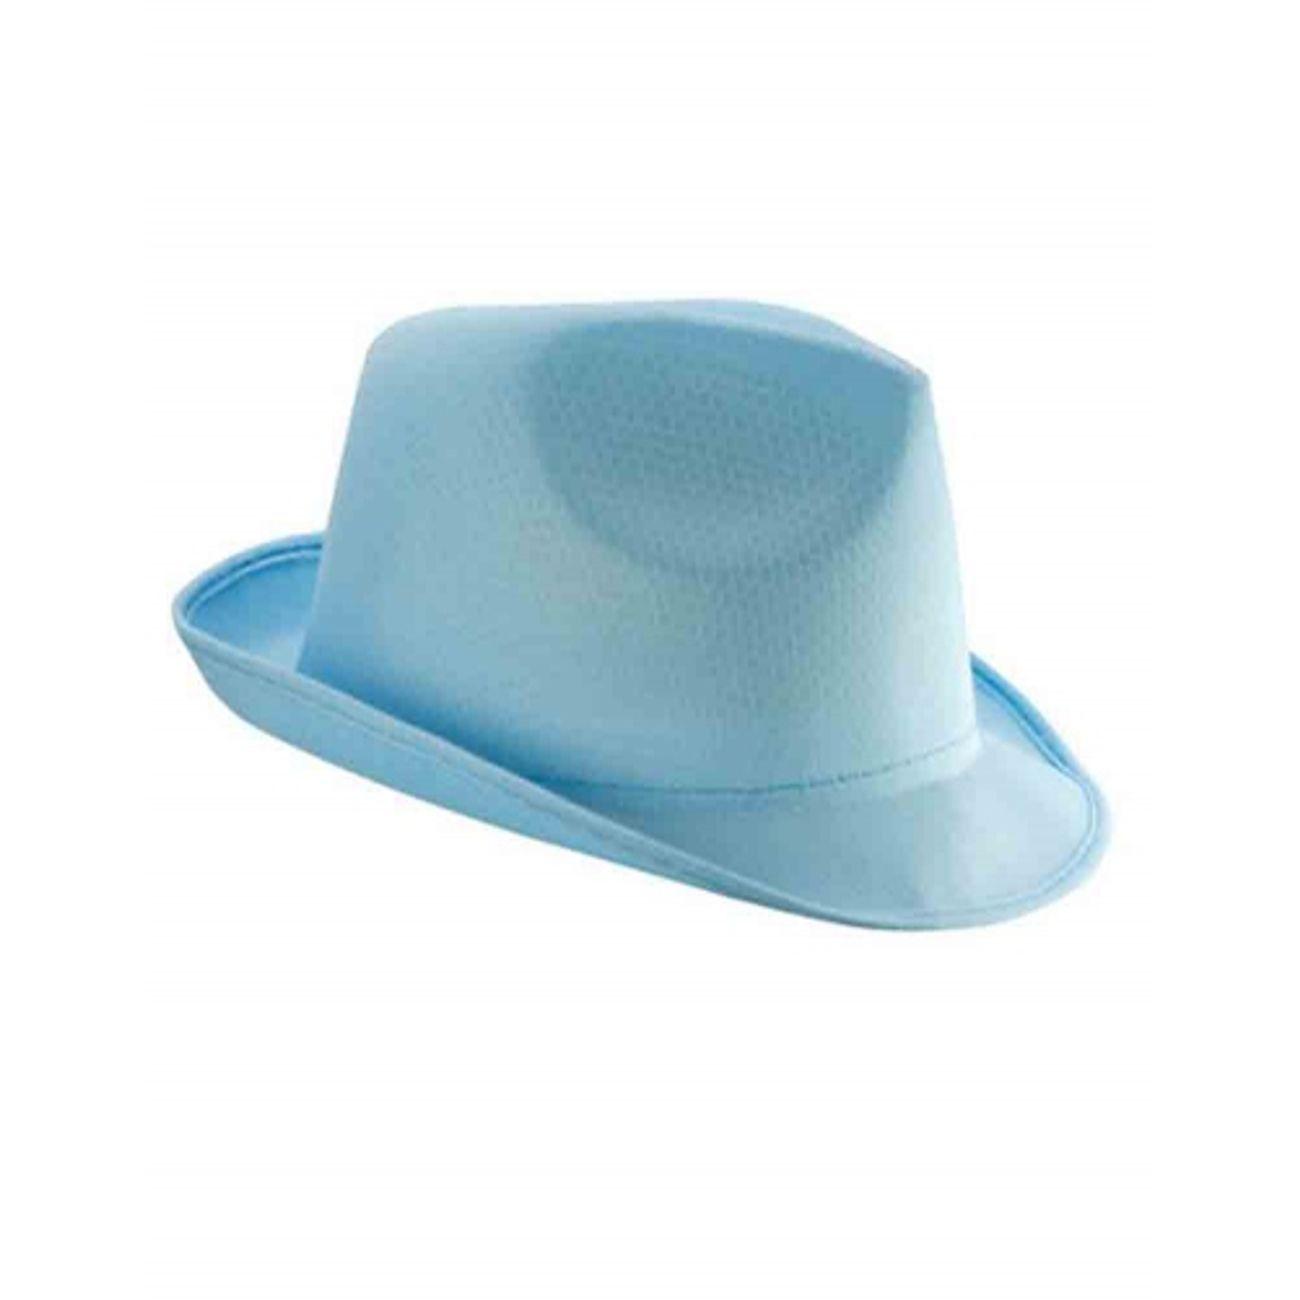 4afb25f13436d chapeau-leger---coloris-bleu-clair---adulte---c2078---taille-unique---ideal-pour-soirees-disco-bals-costumes 1 v1.jpeg